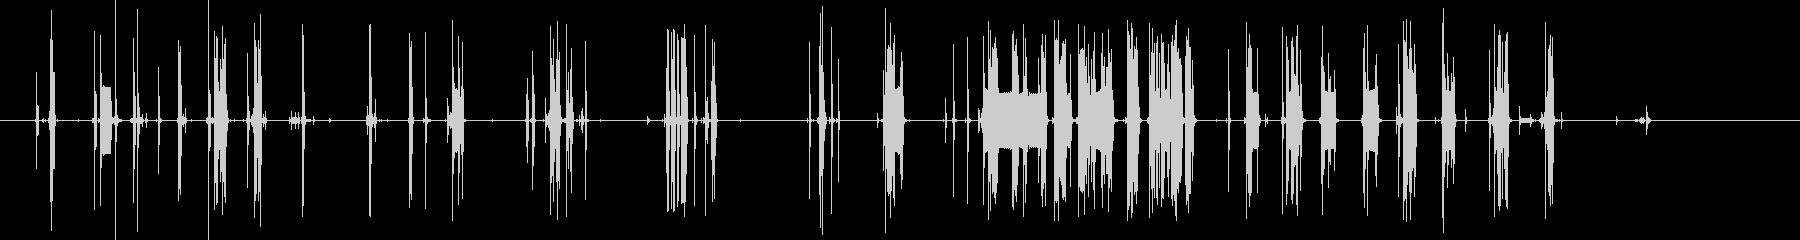 壊れたラジオのようなノイズの未再生の波形